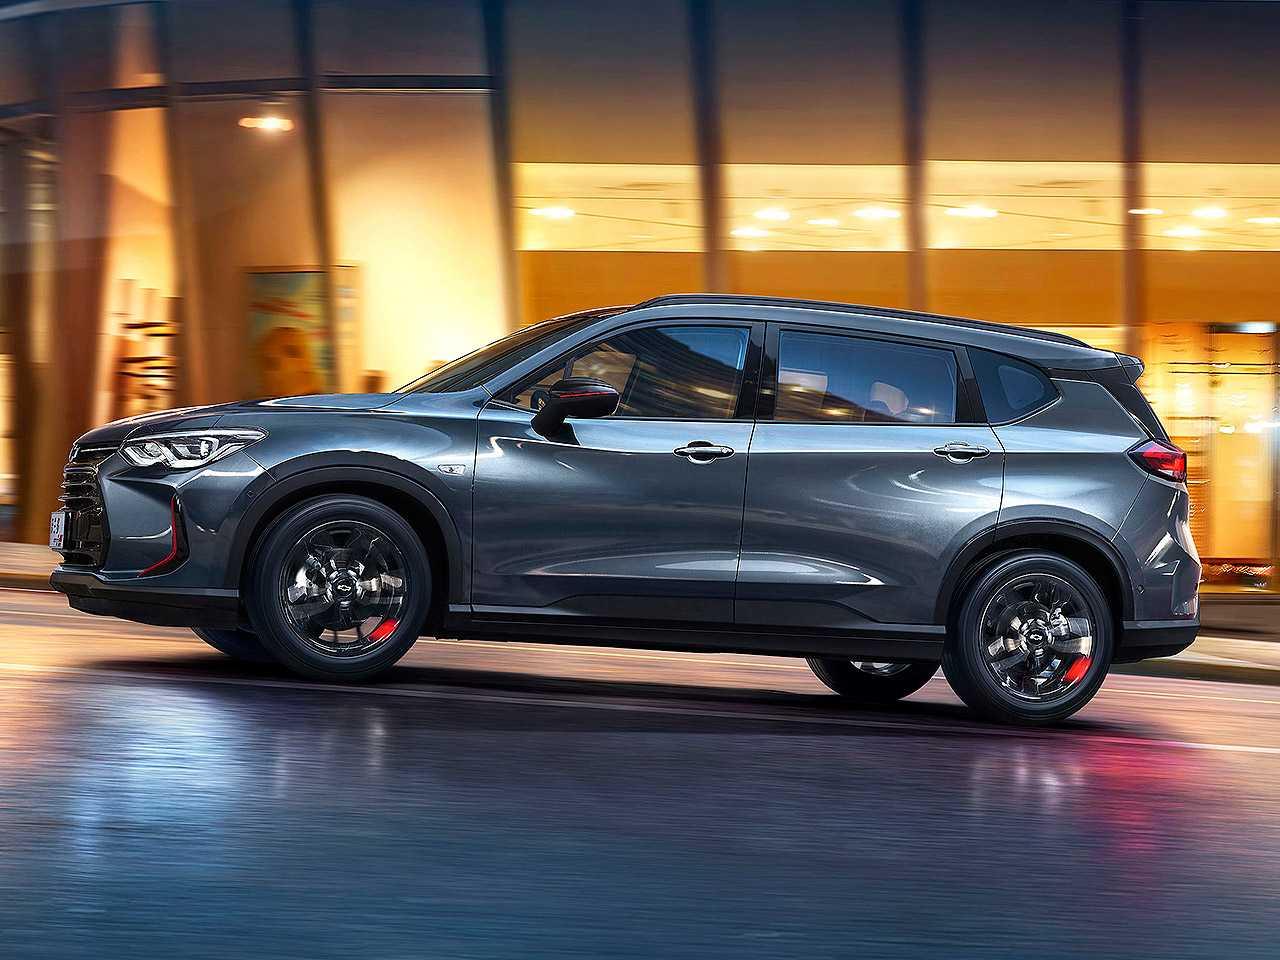 Chevrolet Orlando vendido na China: modelo foi lançado em 2018